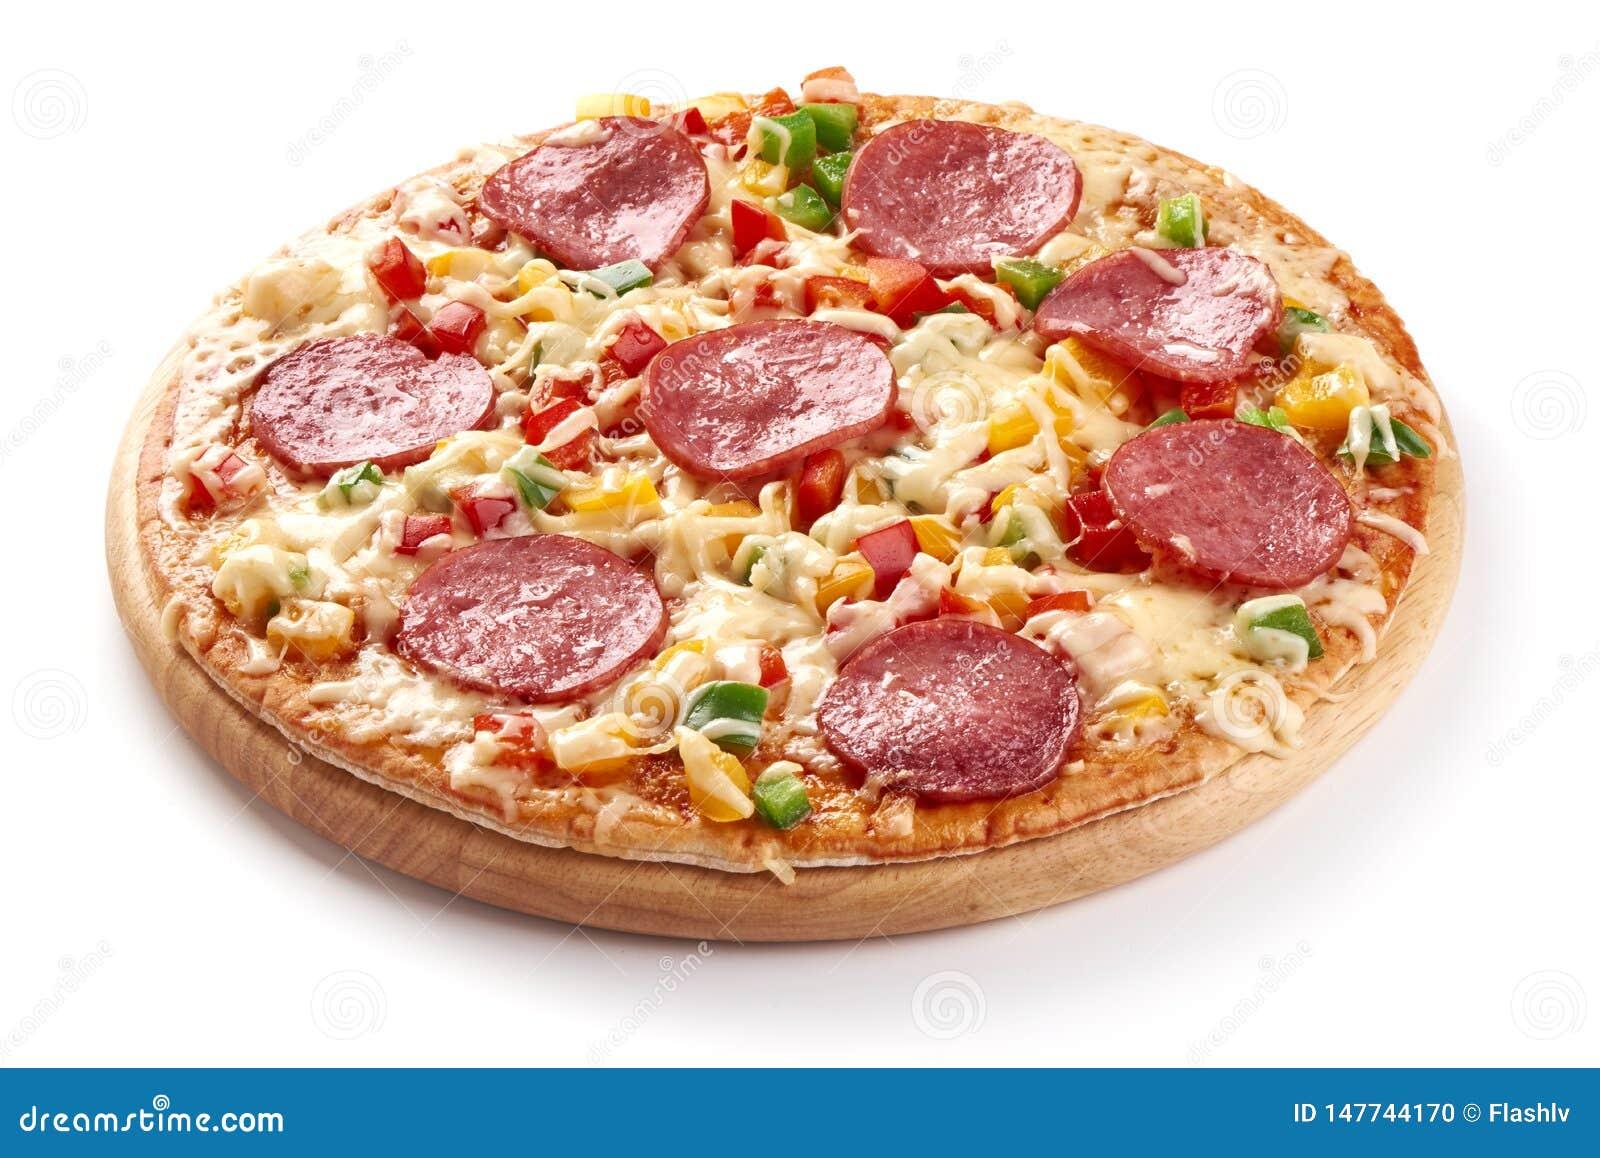 Coció recientemente la pizza italiana con el queso y el salami cortado, aislados en el fondo blanco